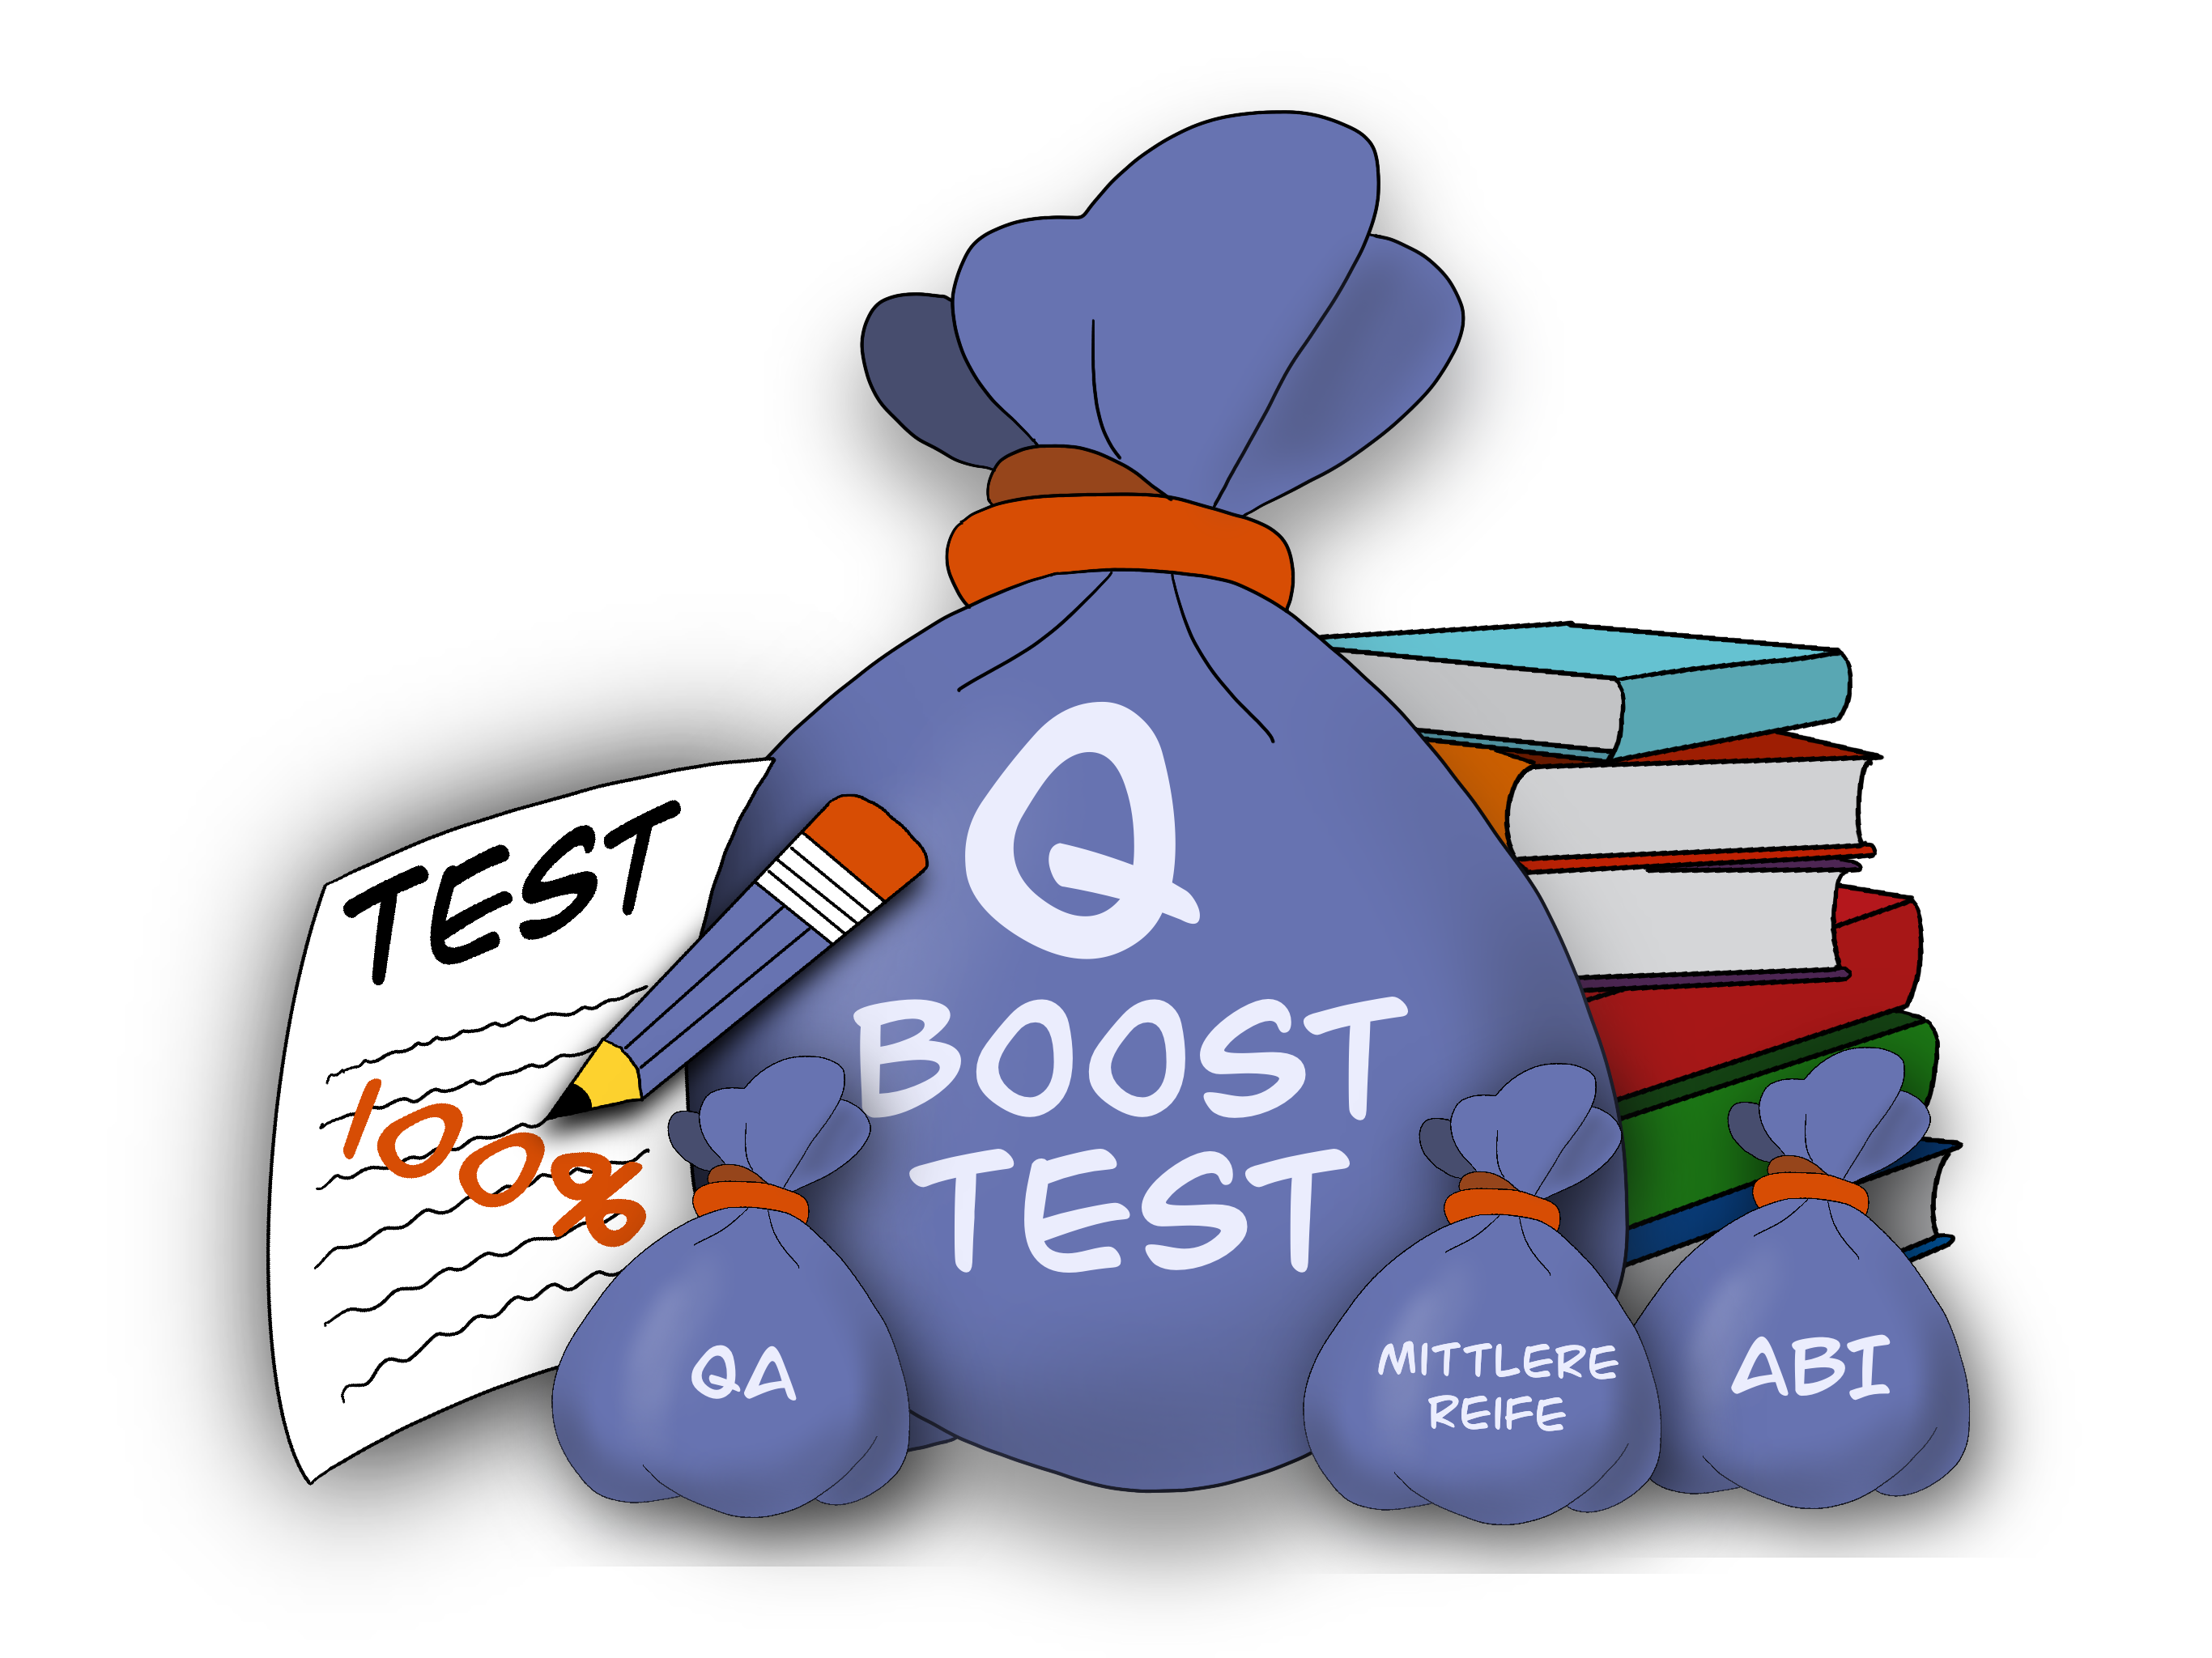 Vorgespräch Q-Boost Test